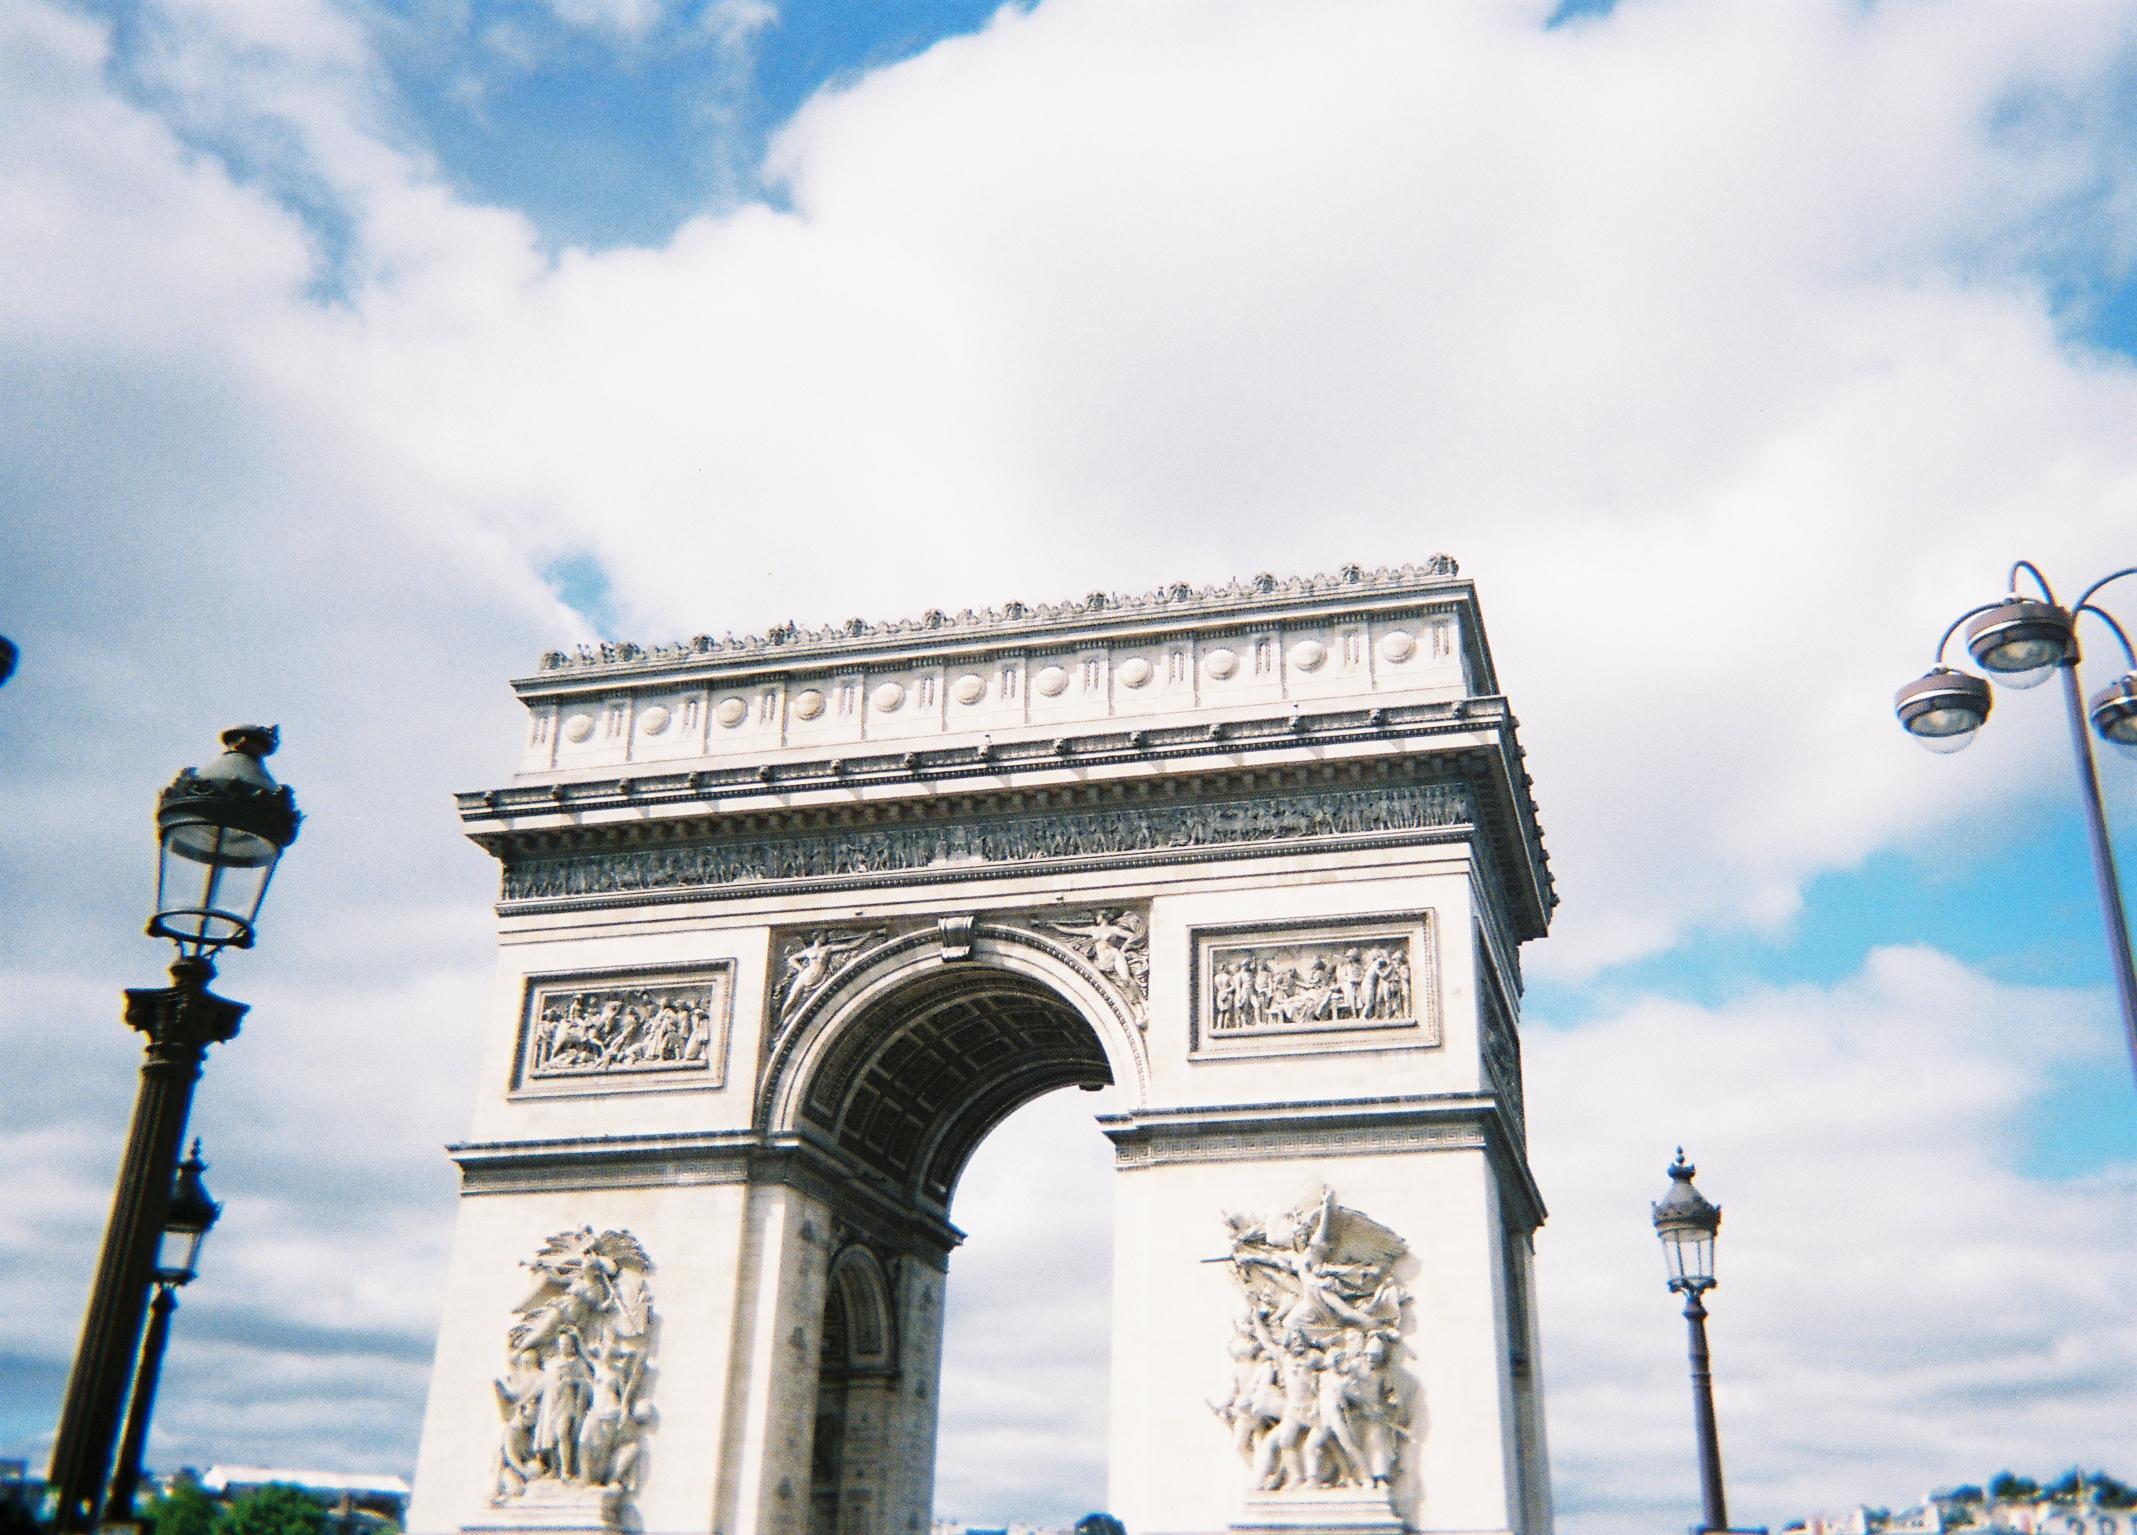 4th September - Arc De Triomphe, Paris